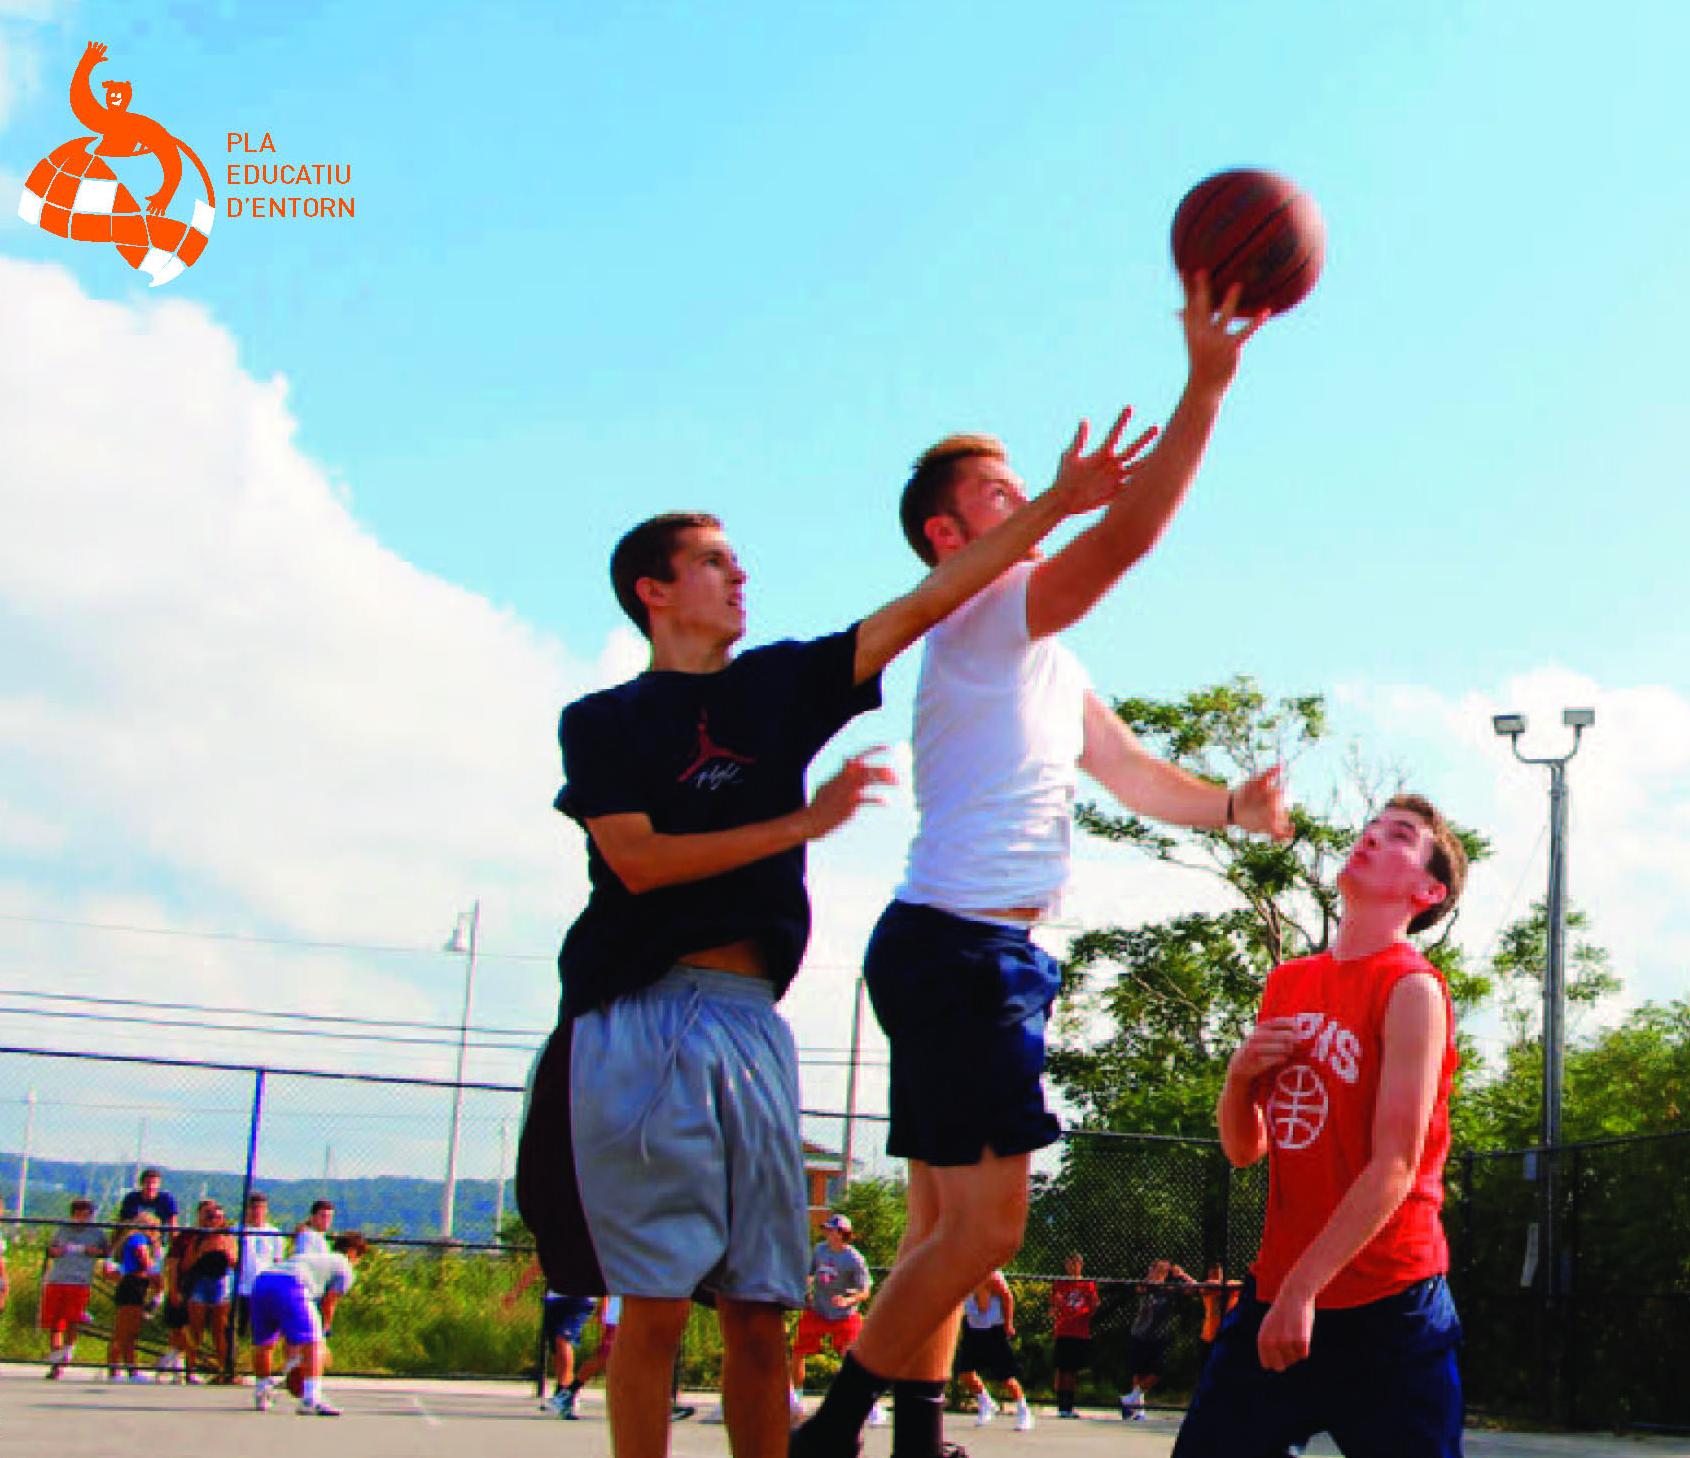 Els patis escolars d'Els Grecs i Narcís Monturiol s'obren com espais esportius i de relació a joves de 12 a 18 anys